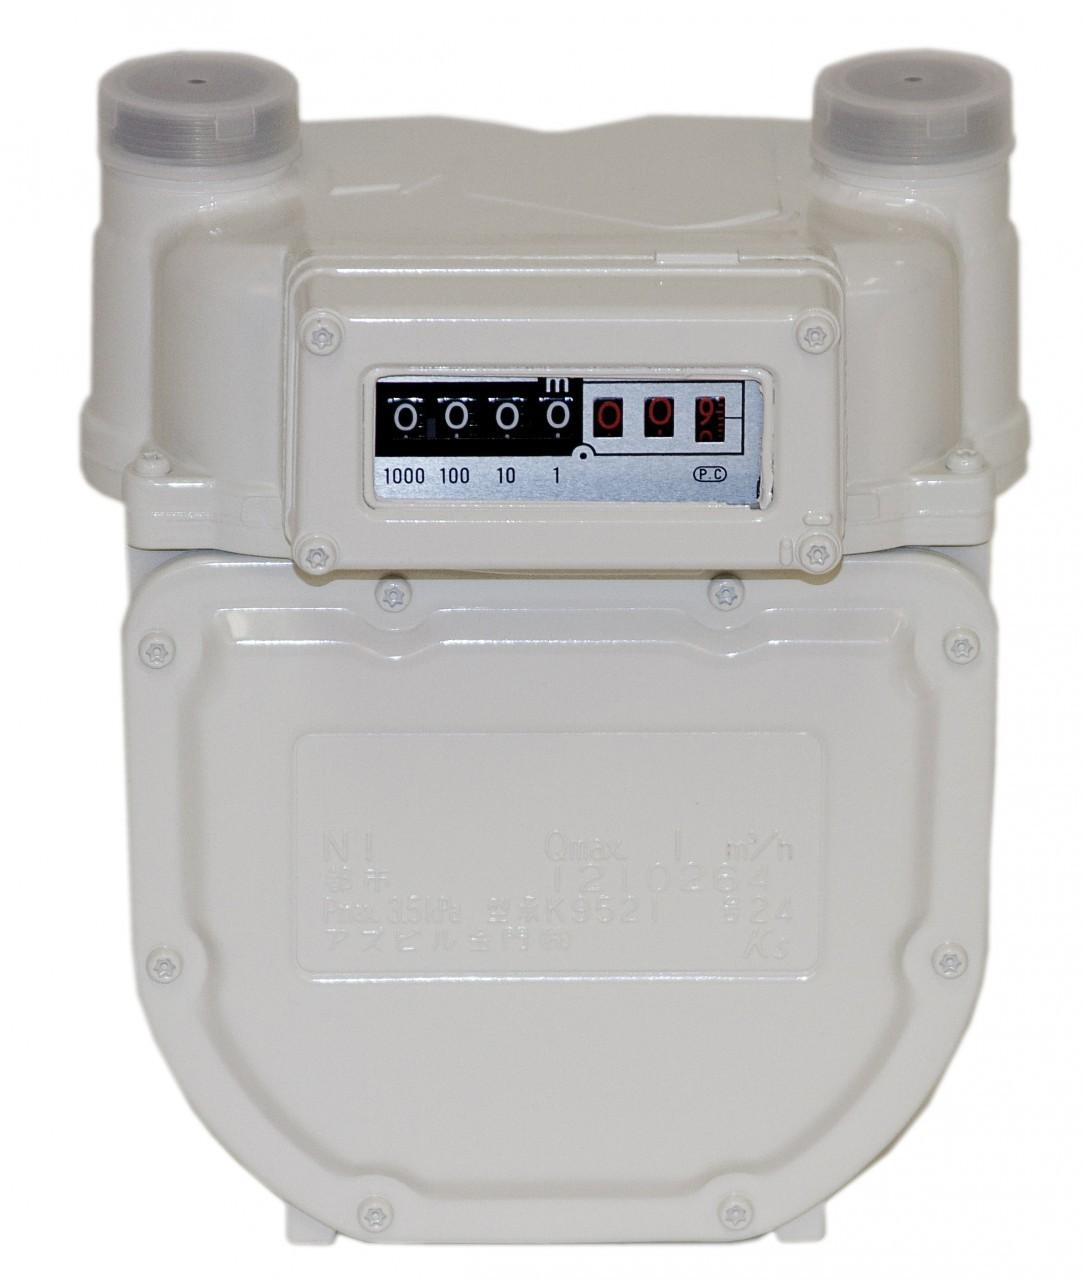 Kimmon N1 Dry Gas Meter